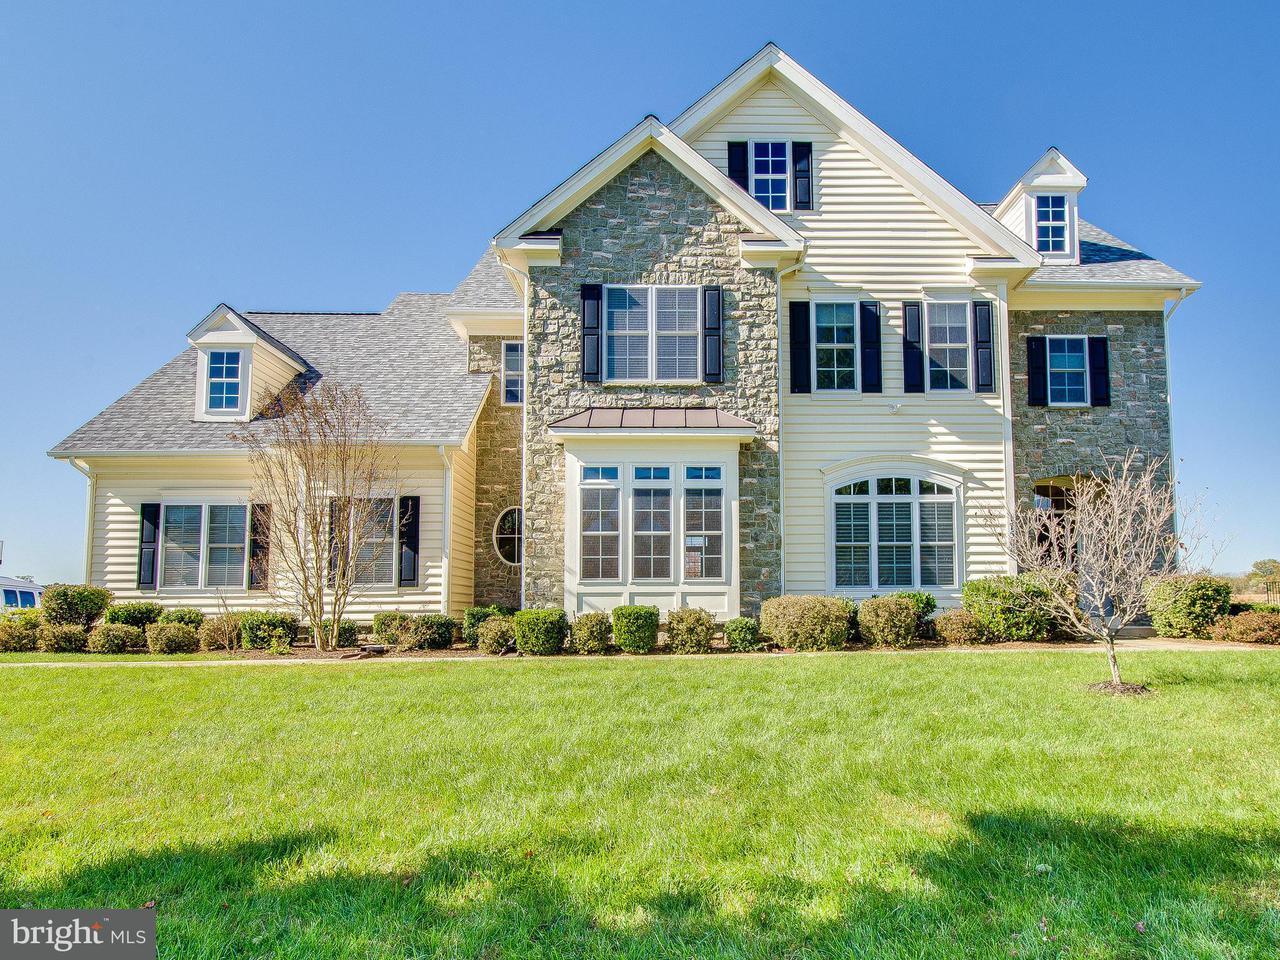 独户住宅 为 销售 在 17506 Hidden Garden Lane 17506 Hidden Garden Lane Ashton, 马里兰州 20861 美国